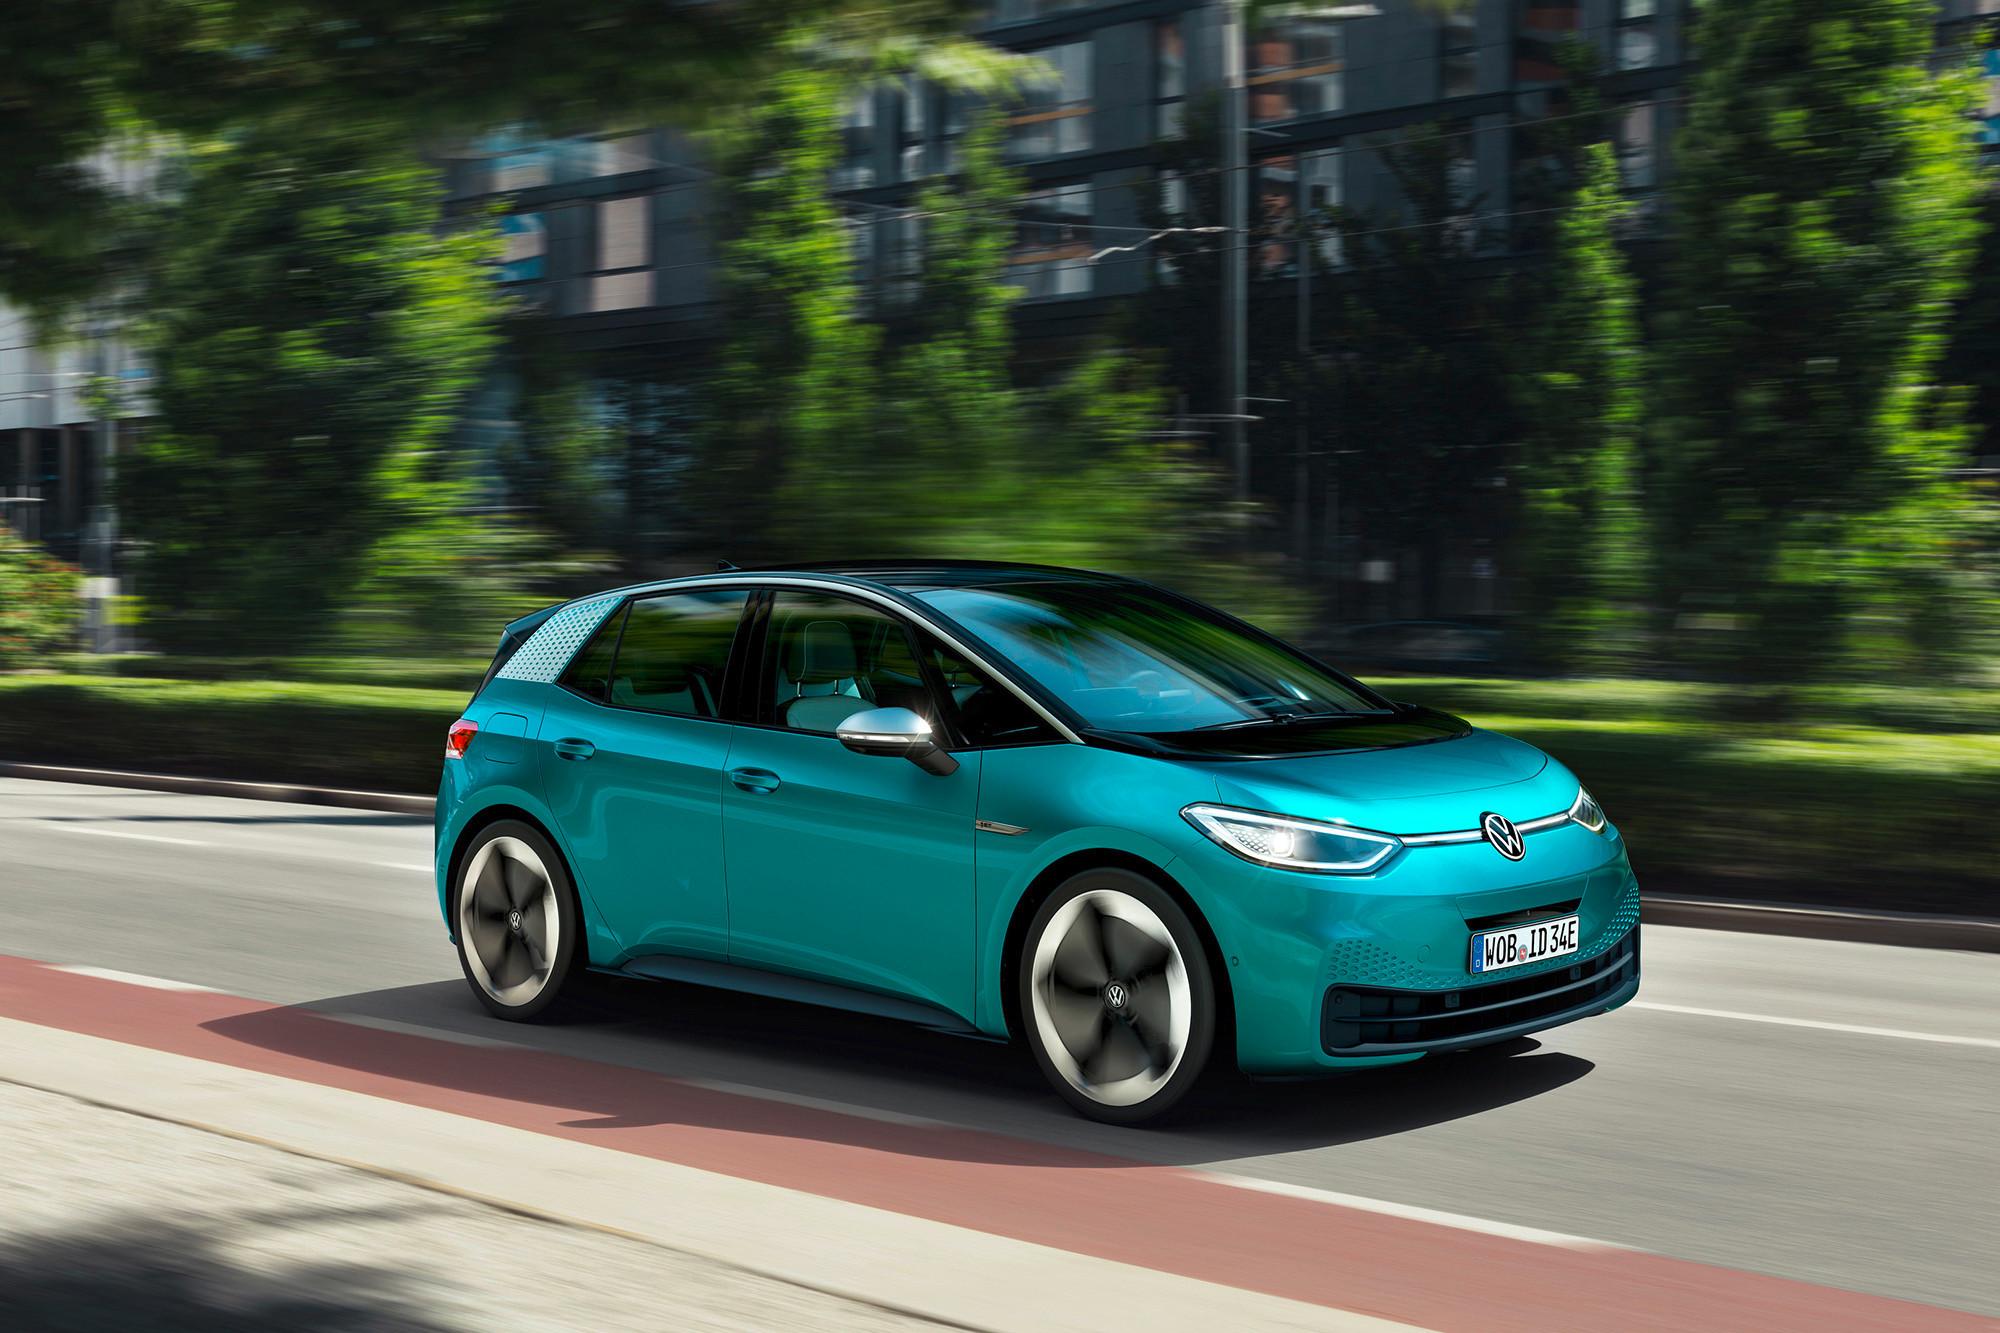 volkswagen-id.3-hatchback--01-angle--exterior--front--green.jpg